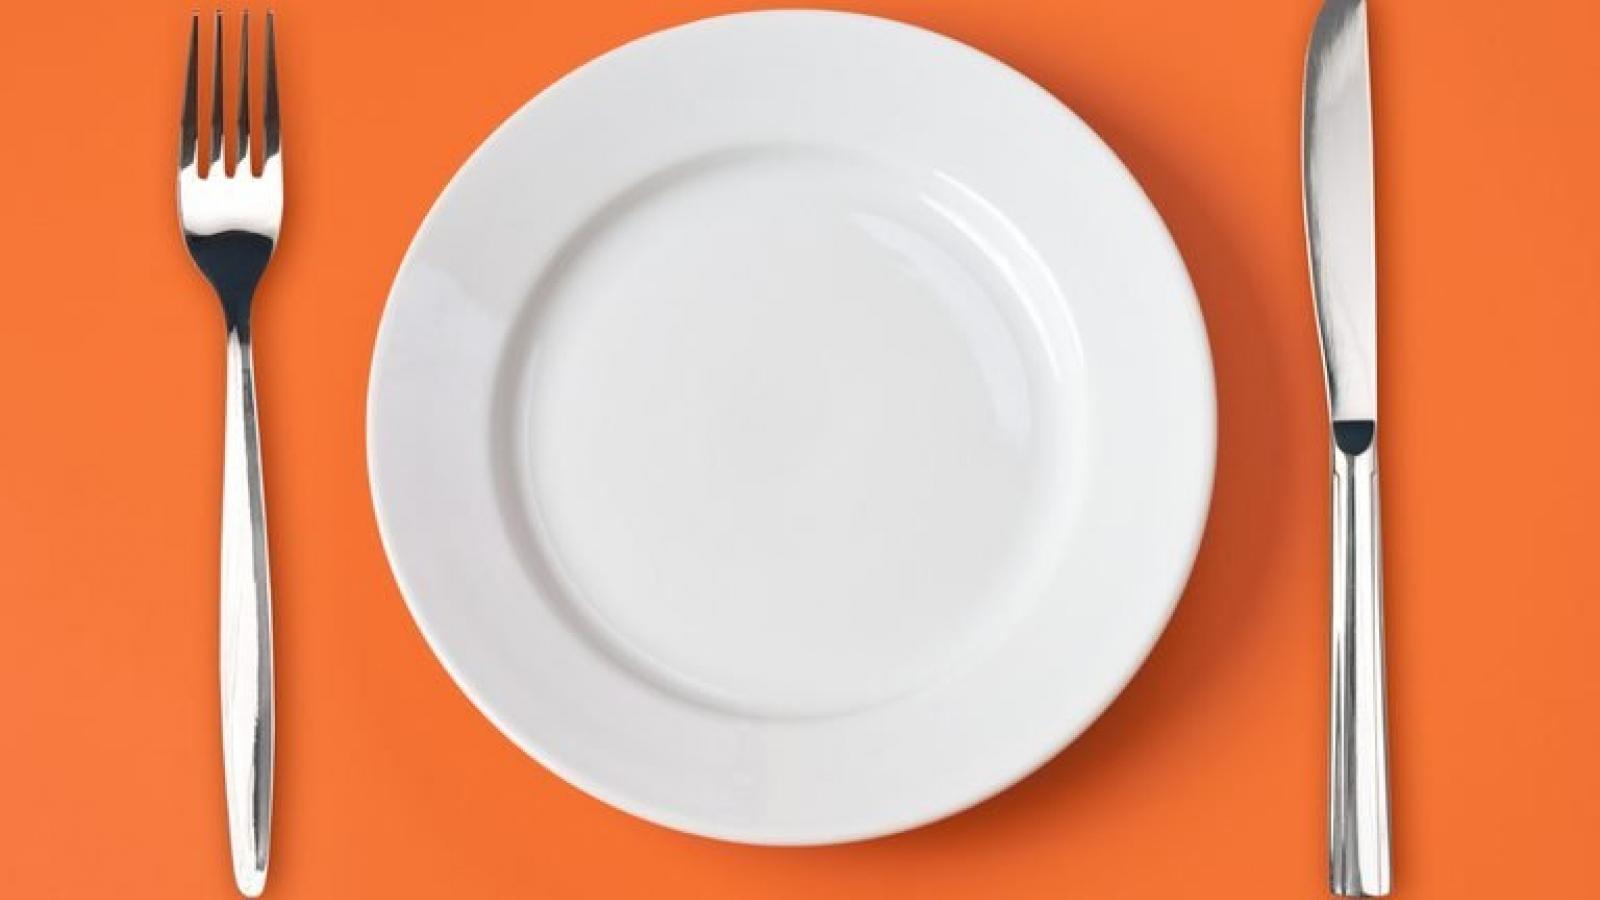 Lý do bạn nên đa dạng hóa các bữa ăn hằng ngày